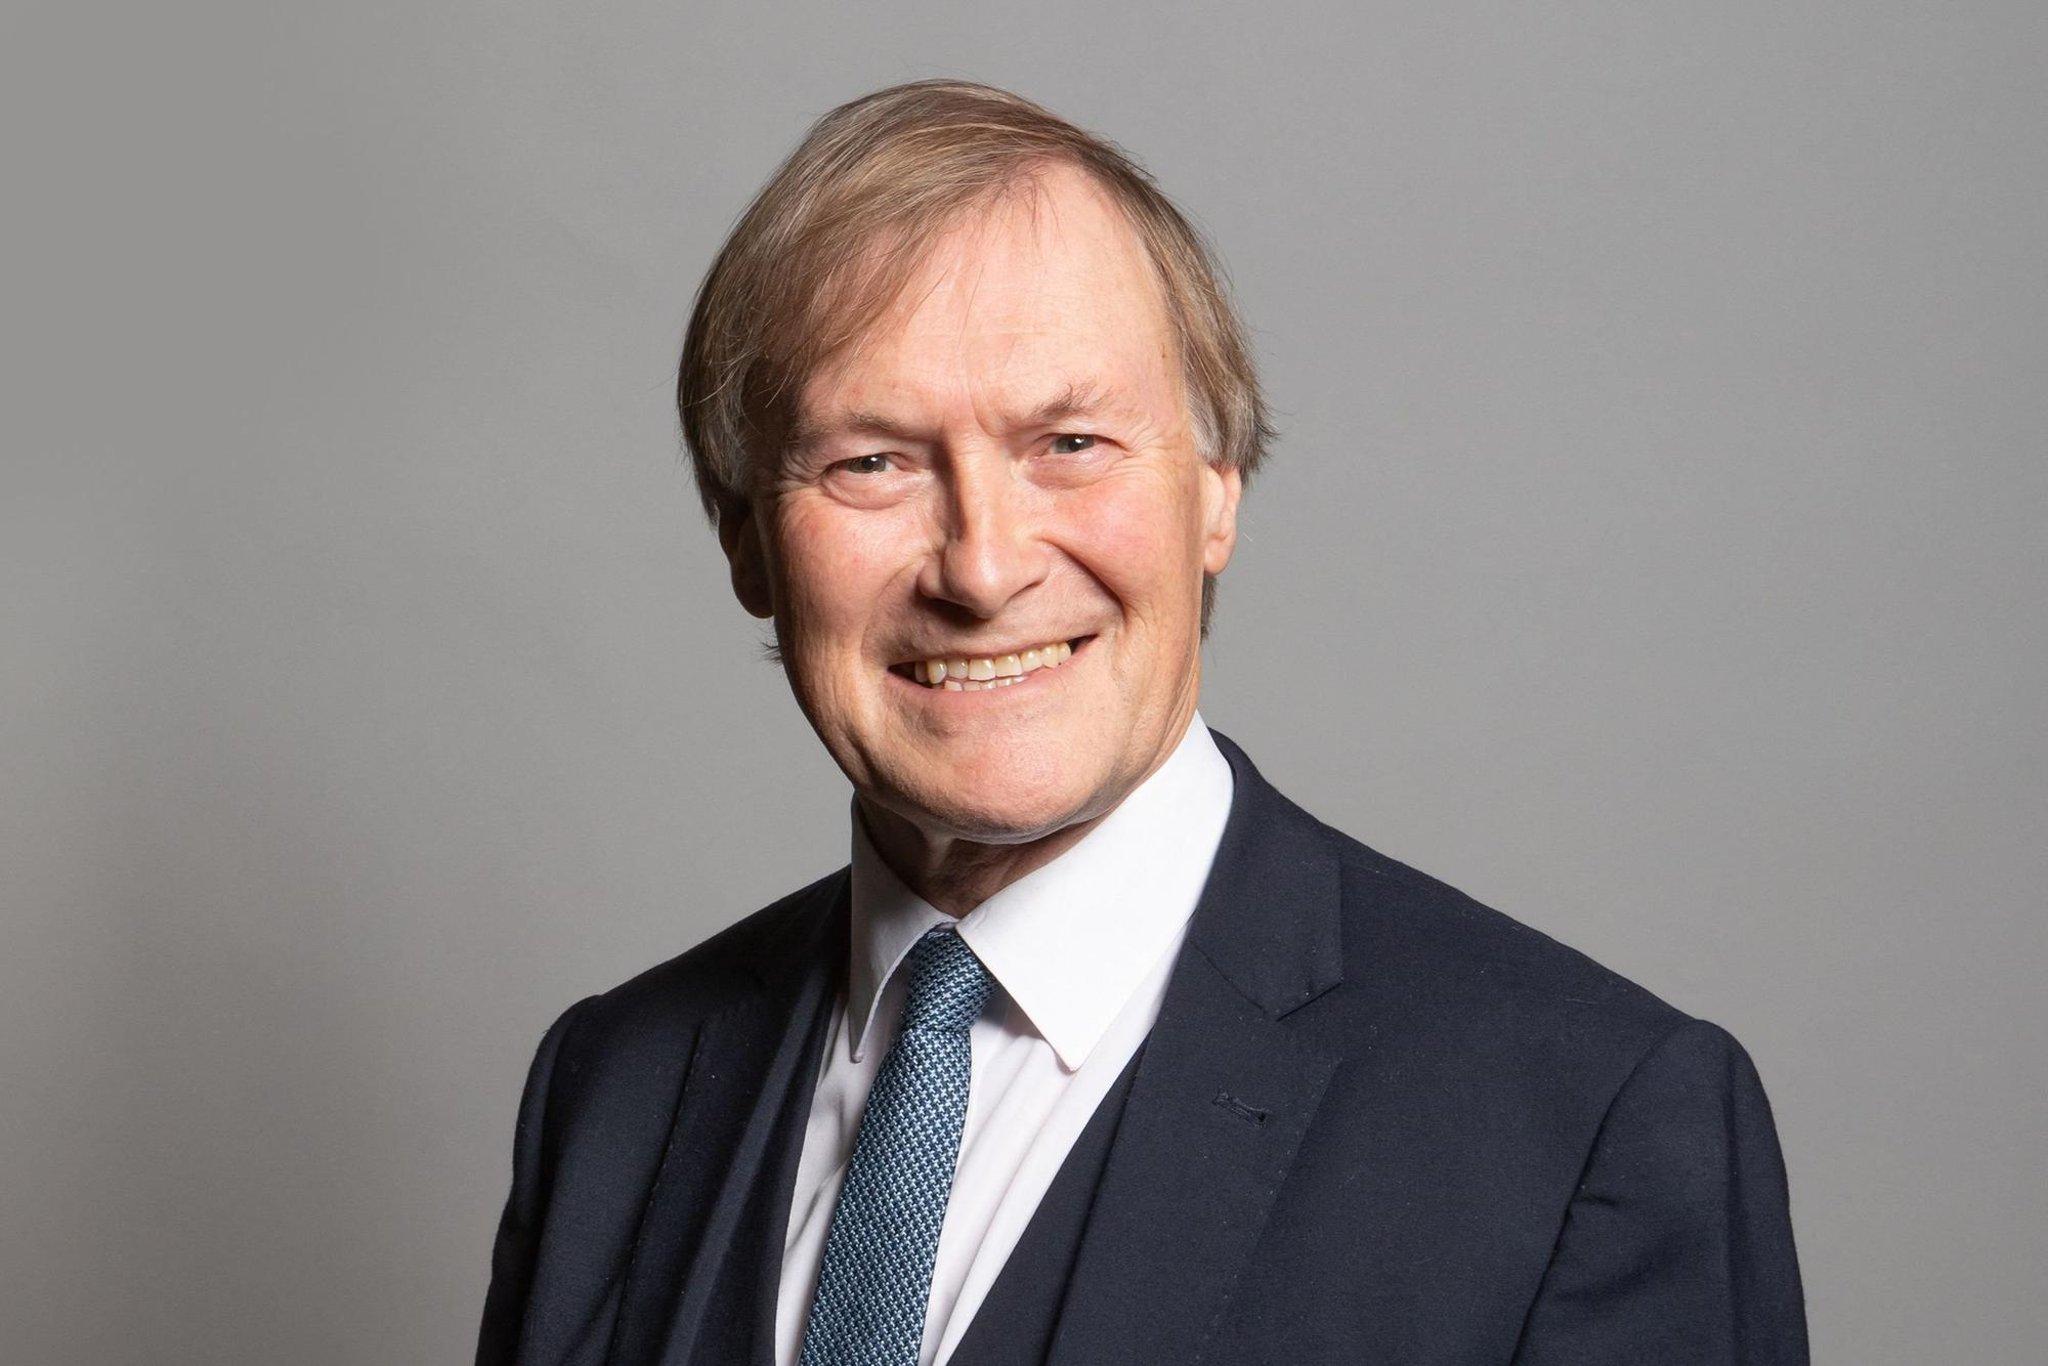 David Amess: Pria ditangkap setelah anggota parlemen Konservatif berusia 69 tahun ditikam 'beberapa kali' di kantor konstituen di Leigh-on-Sea